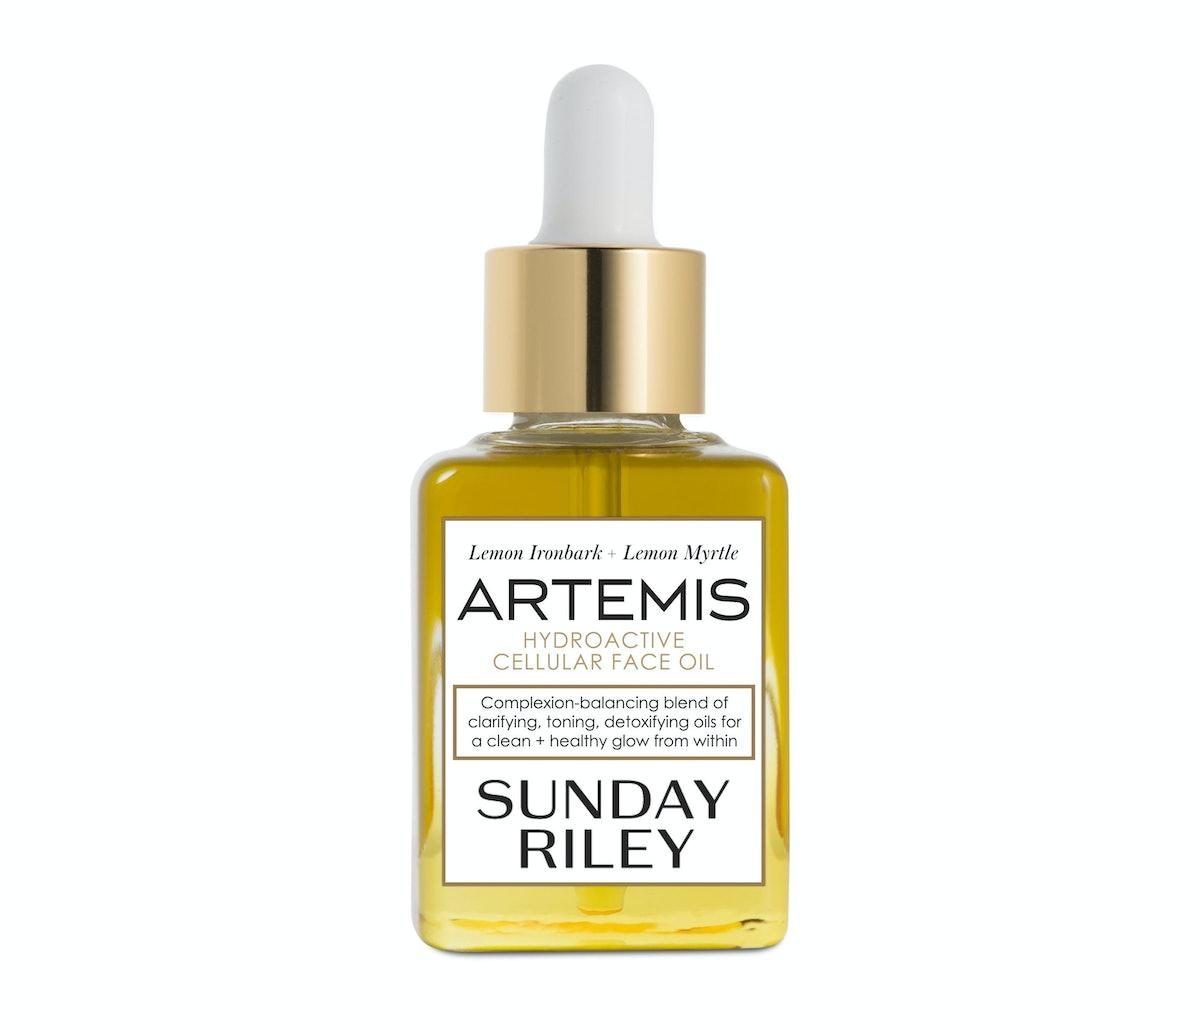 Sunday Riley Artemis Hydroactive Cellular Oil